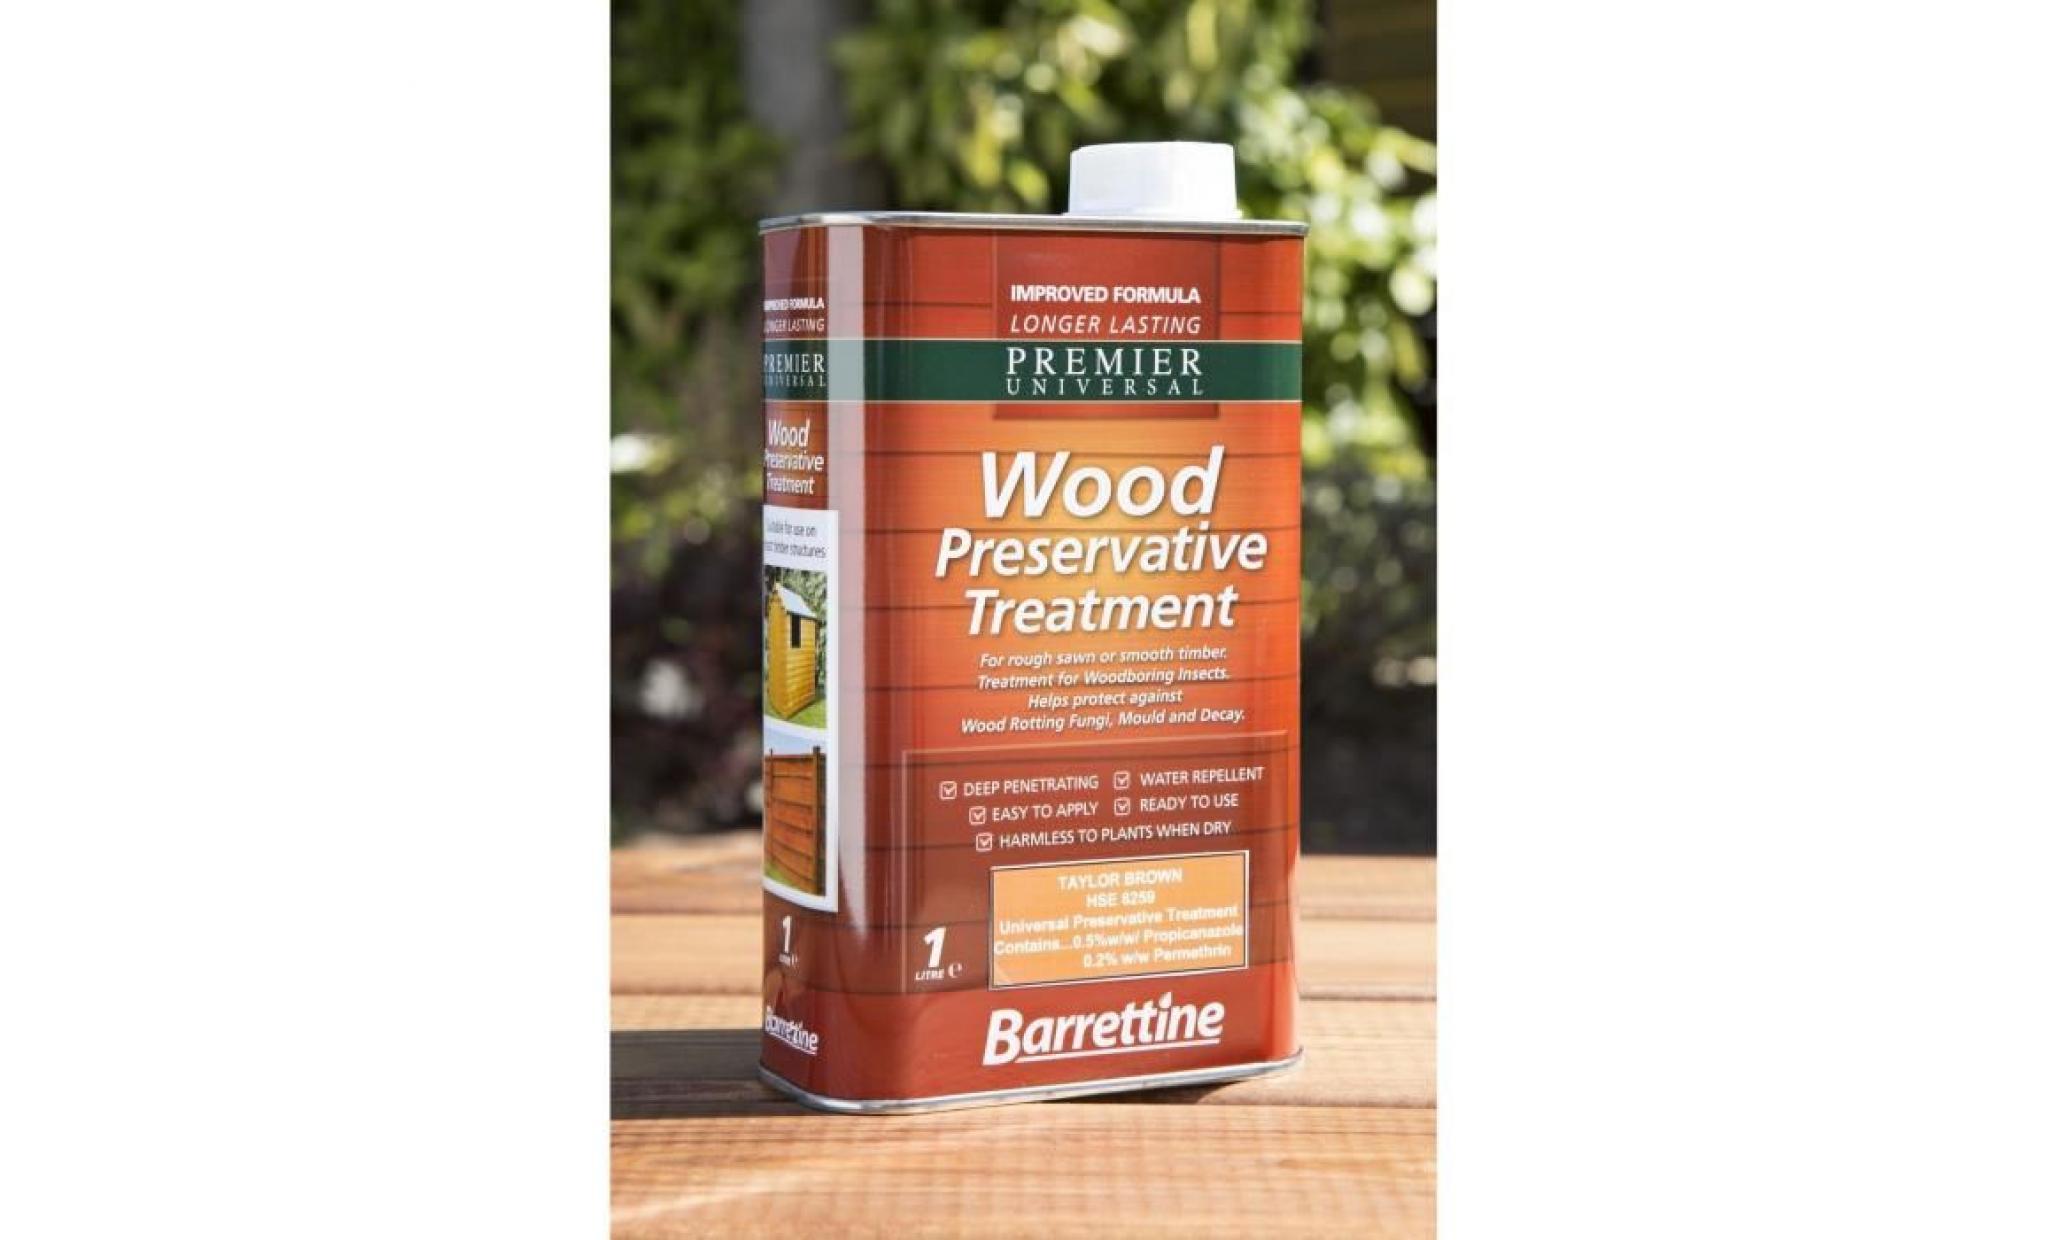 preservatif pour meubles de jardin ukg pour exterieur traitement de protection du bois hydrofuge achat vente decoration de jardin pas cher coindujardin com